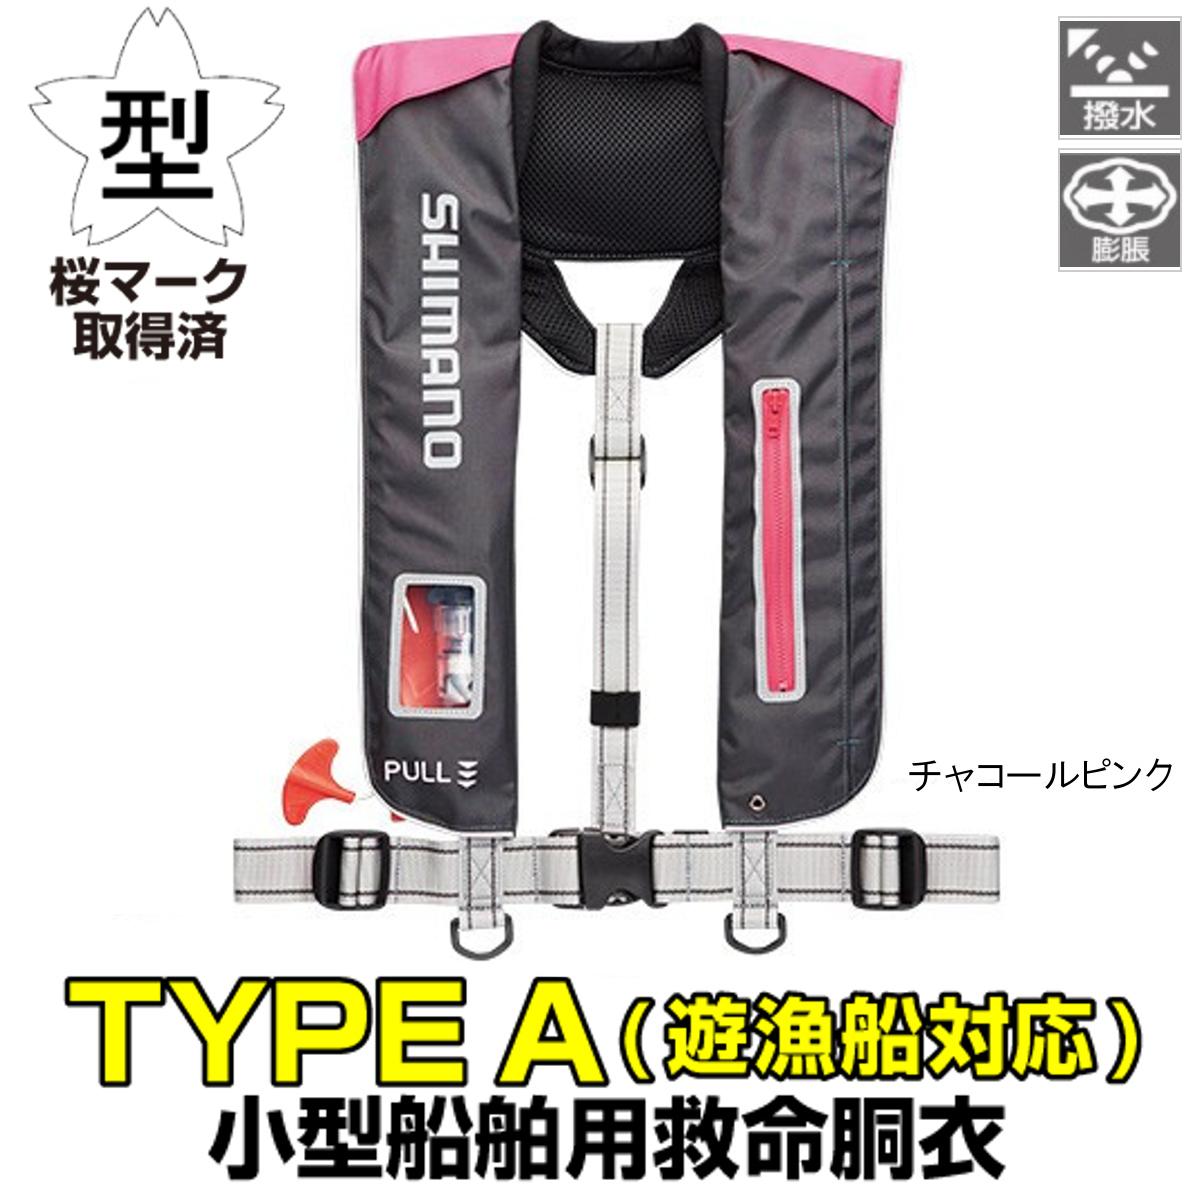 シマノ ラフトエアジャケット(膨脹式救命具) VF-051K フリー チャコールピンク ※遊漁船対応(東日本店)